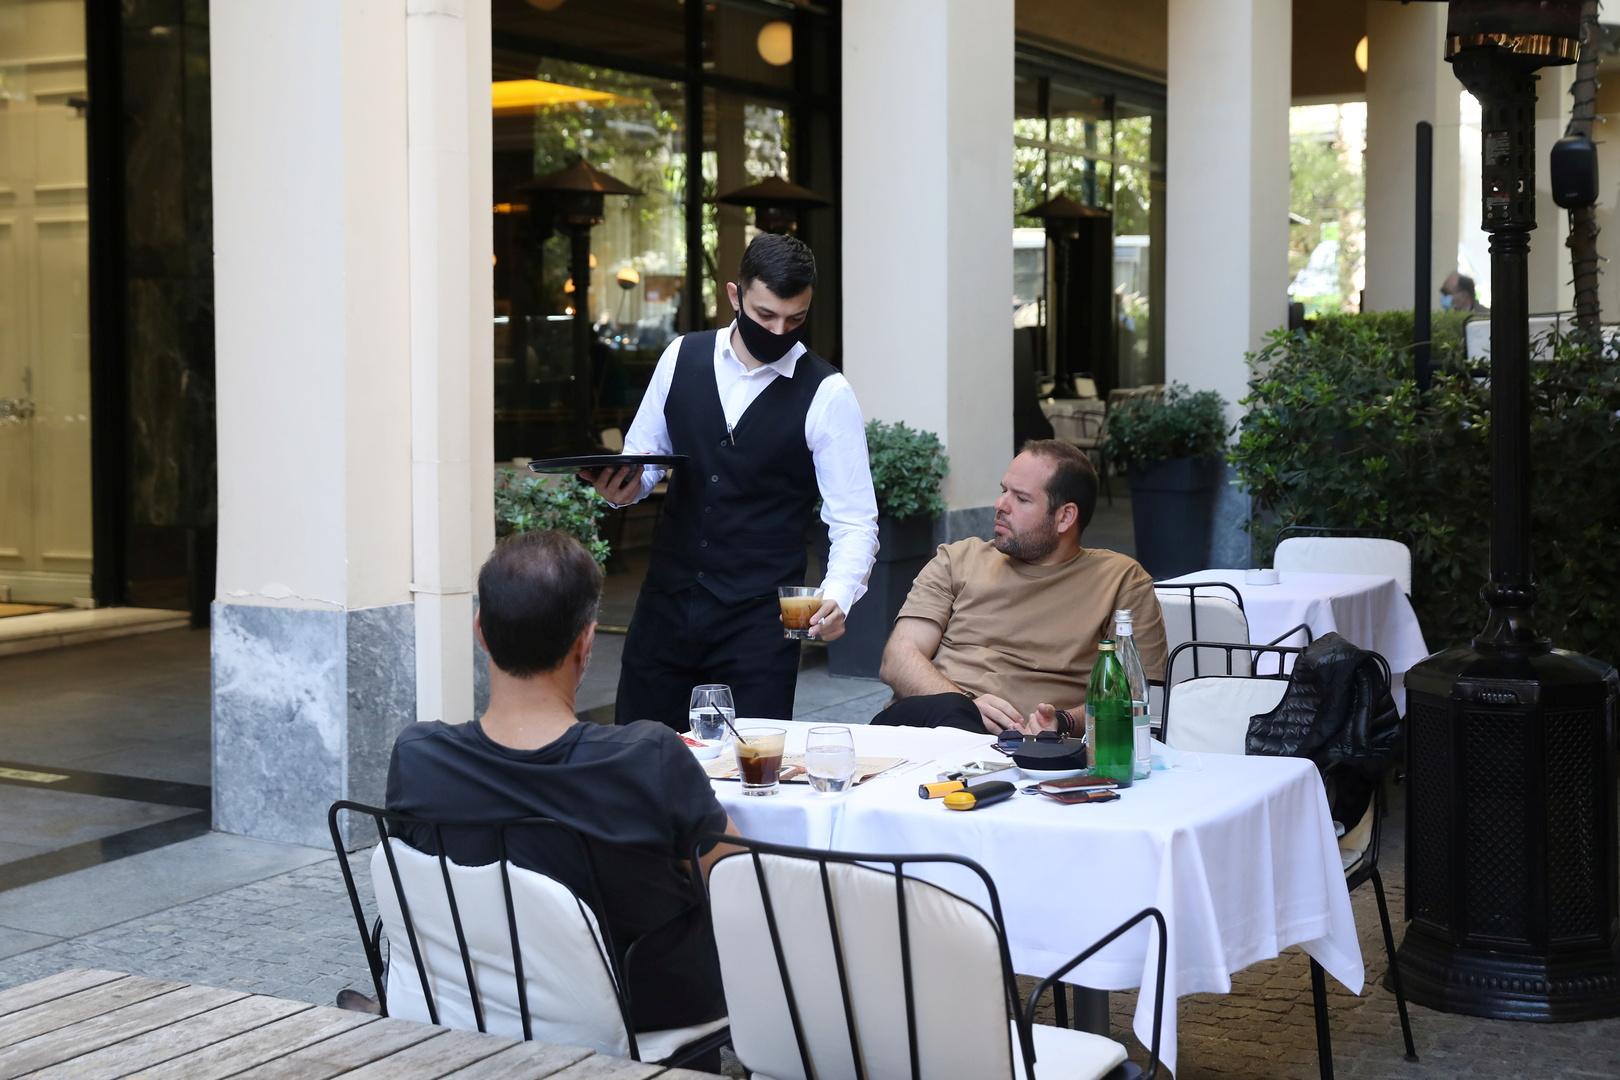 اليونان.. قرار جديد بإغلاق الحانات والمطاعم لمدة شهر